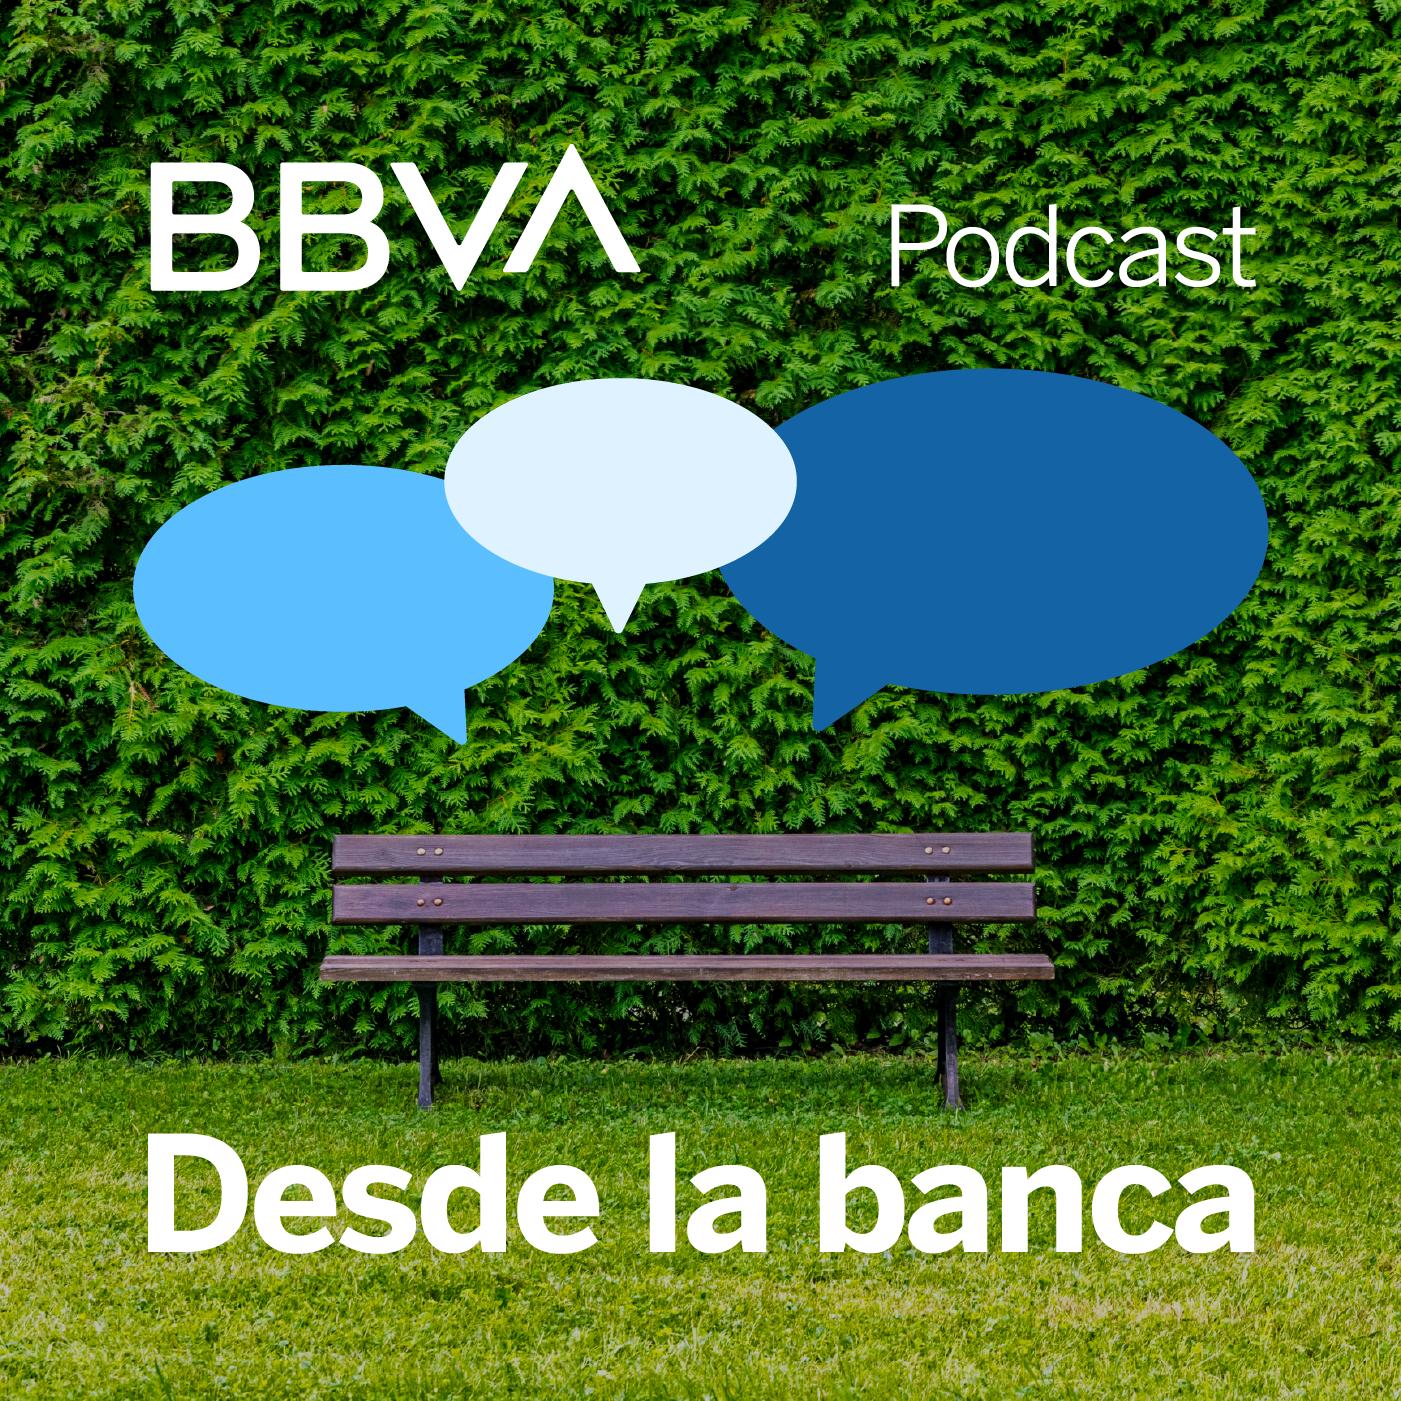 BBVA Desde la banca show art